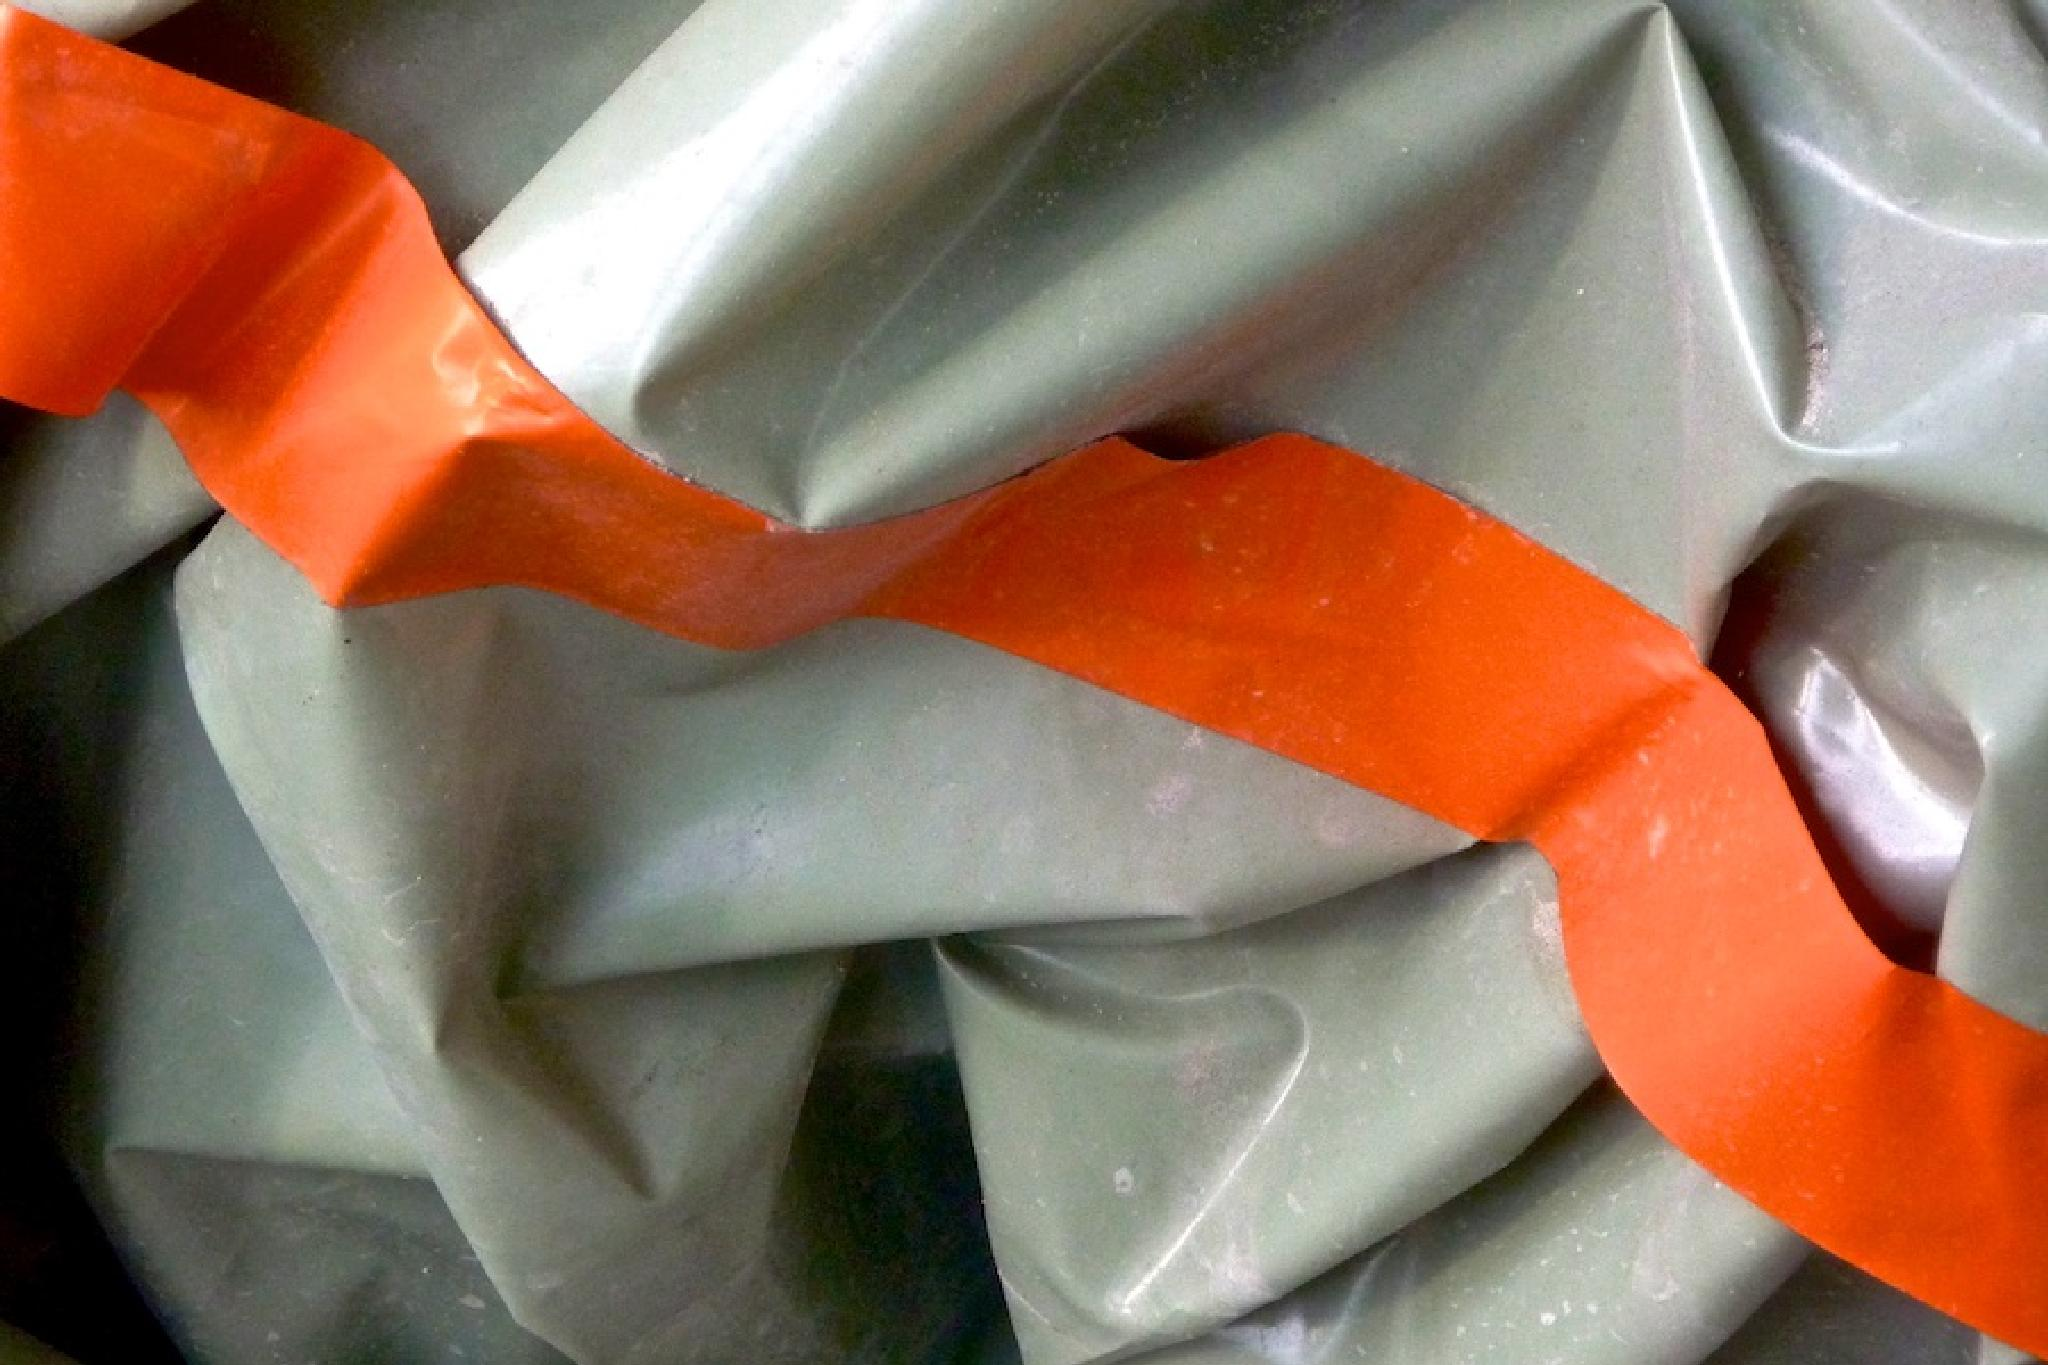 Orange Tape by christian.nesler1